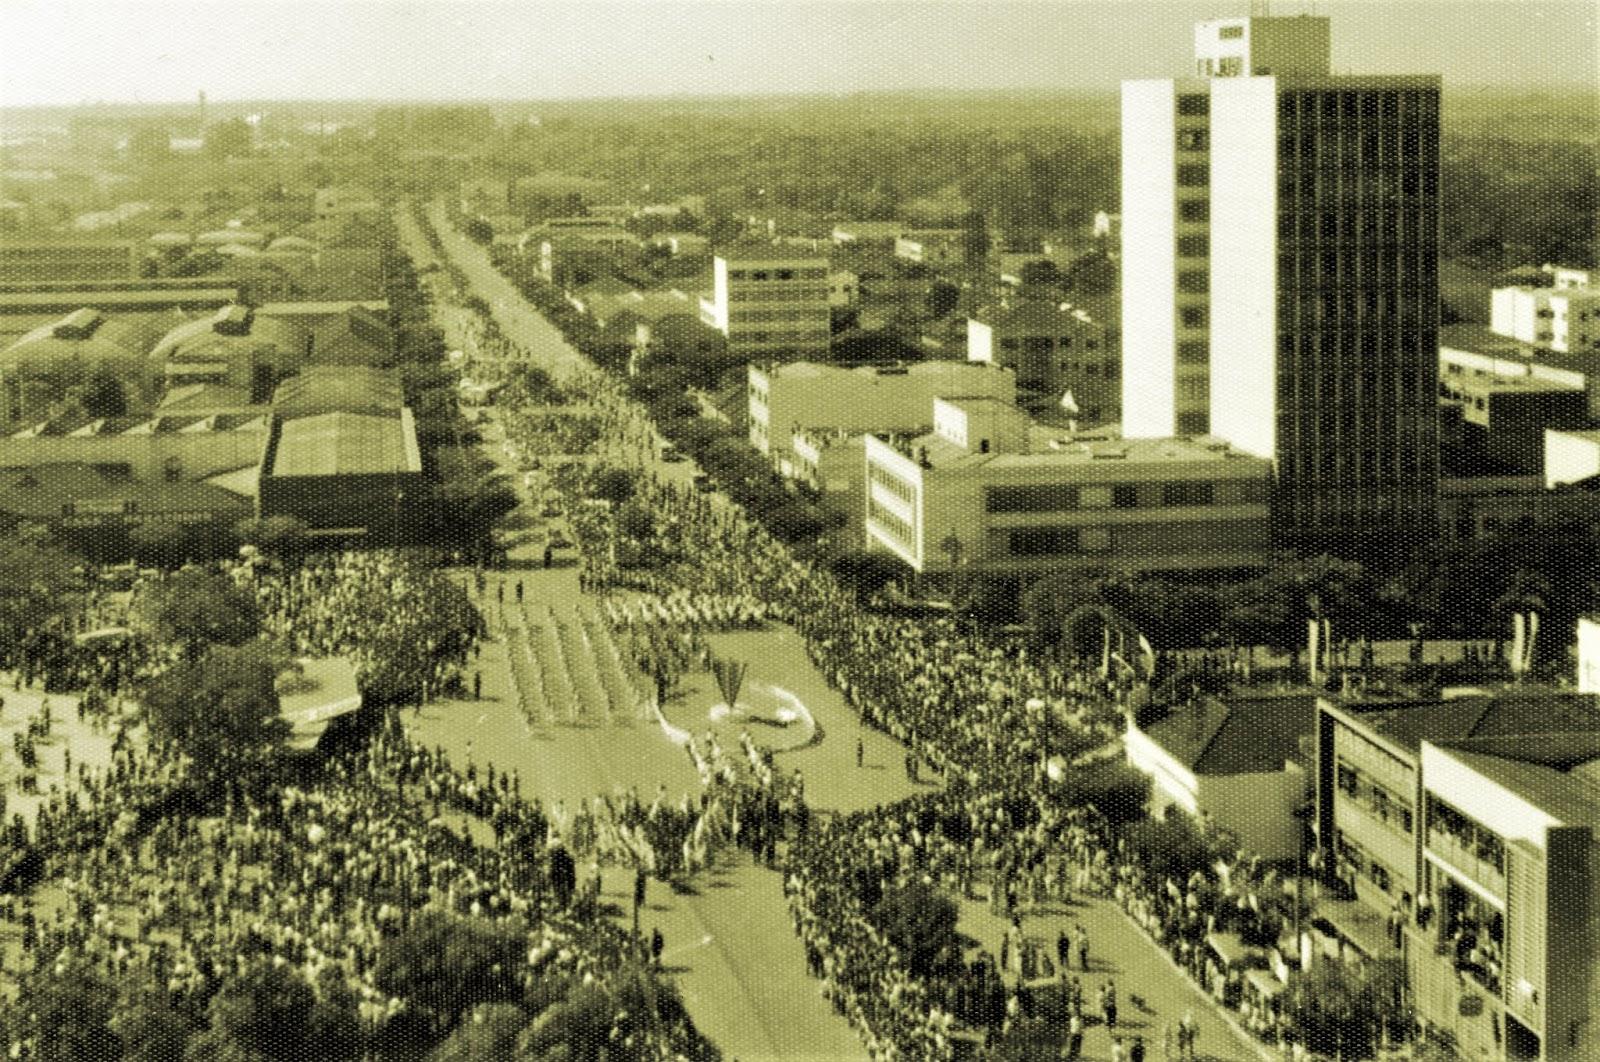 Desfile realizado ao longo dos anos 1960